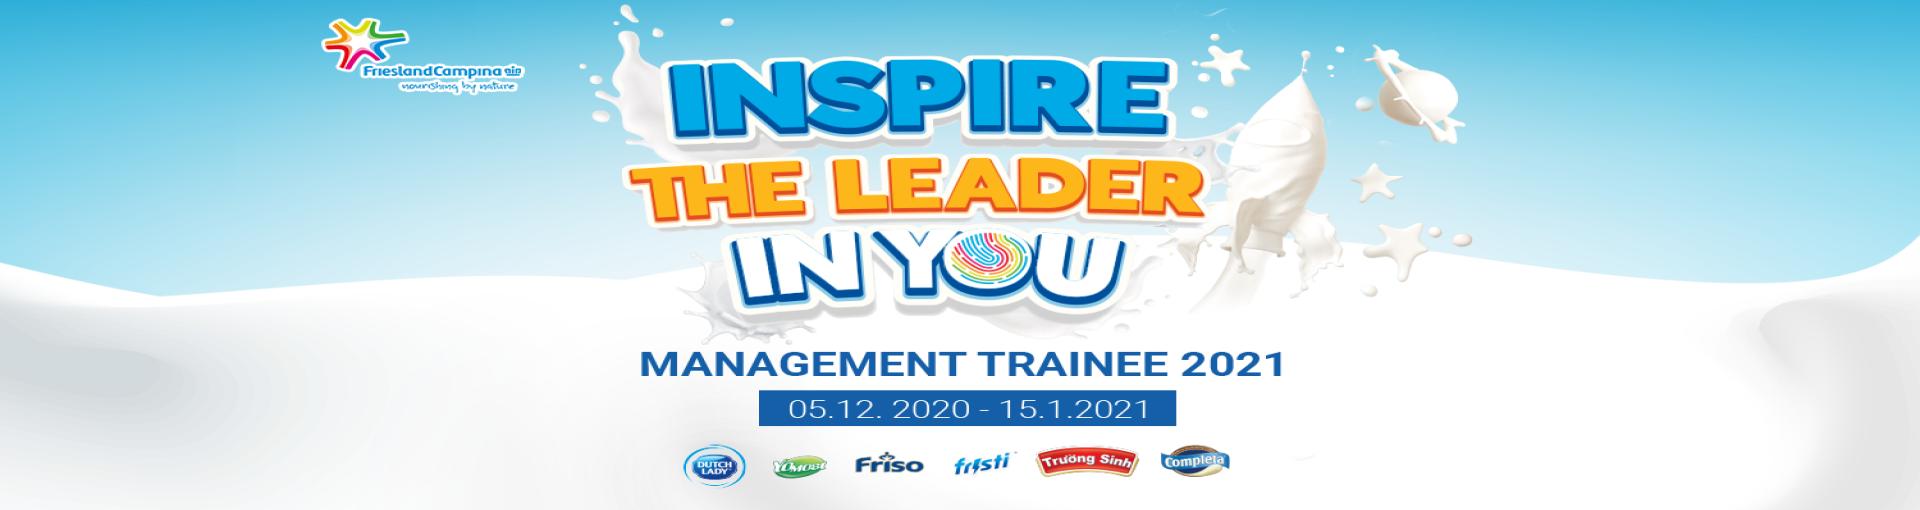 Open jobs at FrieslandCampina Vietnam